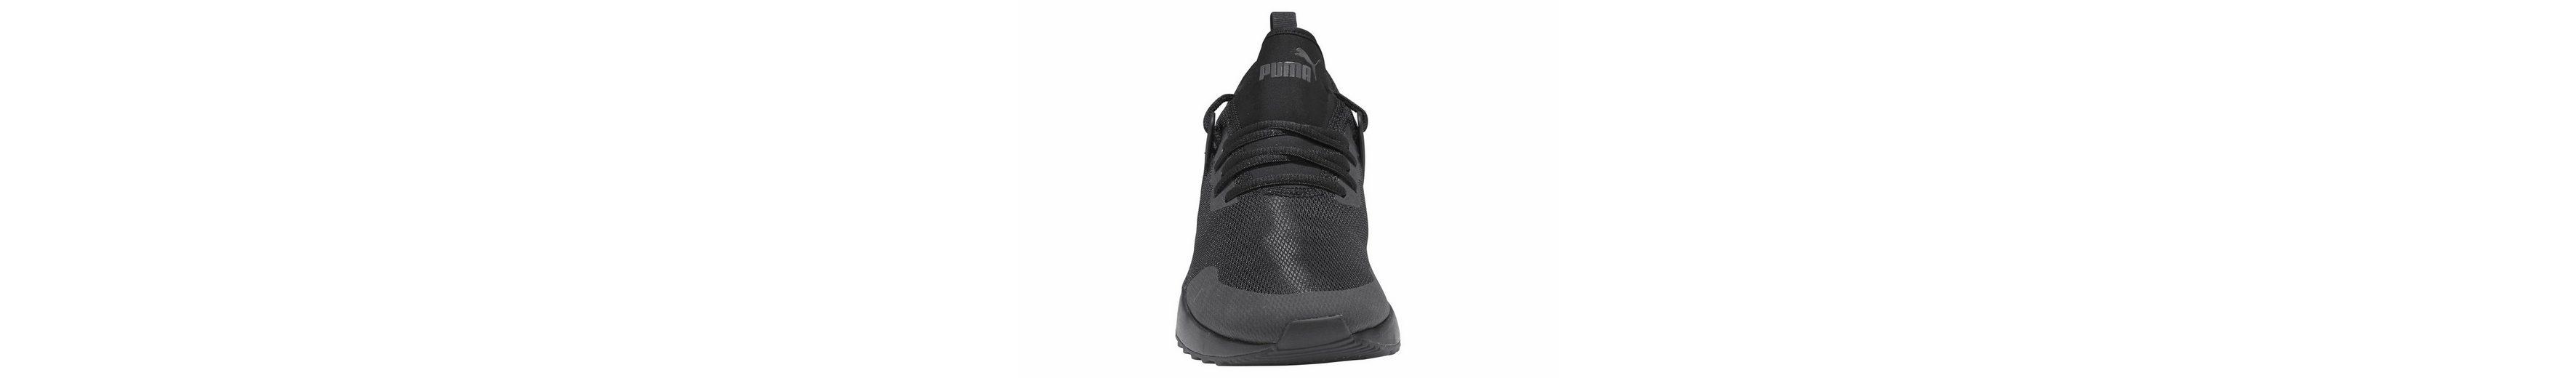 PUMA Pacer Next Cage Sneaker Zum Verkauf Günstigen Preis Mit Kreditkarte Günstig Online Günstig Kaufen Preis h8yWU